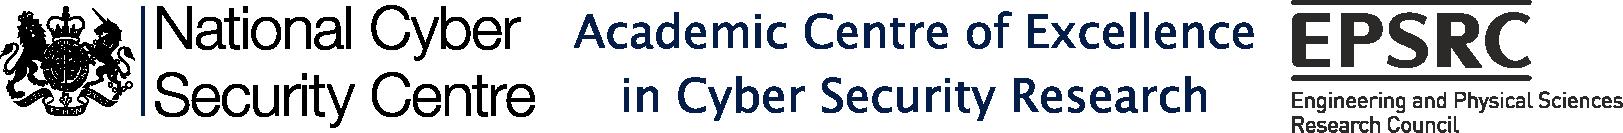 NCSC-ACE-CSR-EPSRC-logos